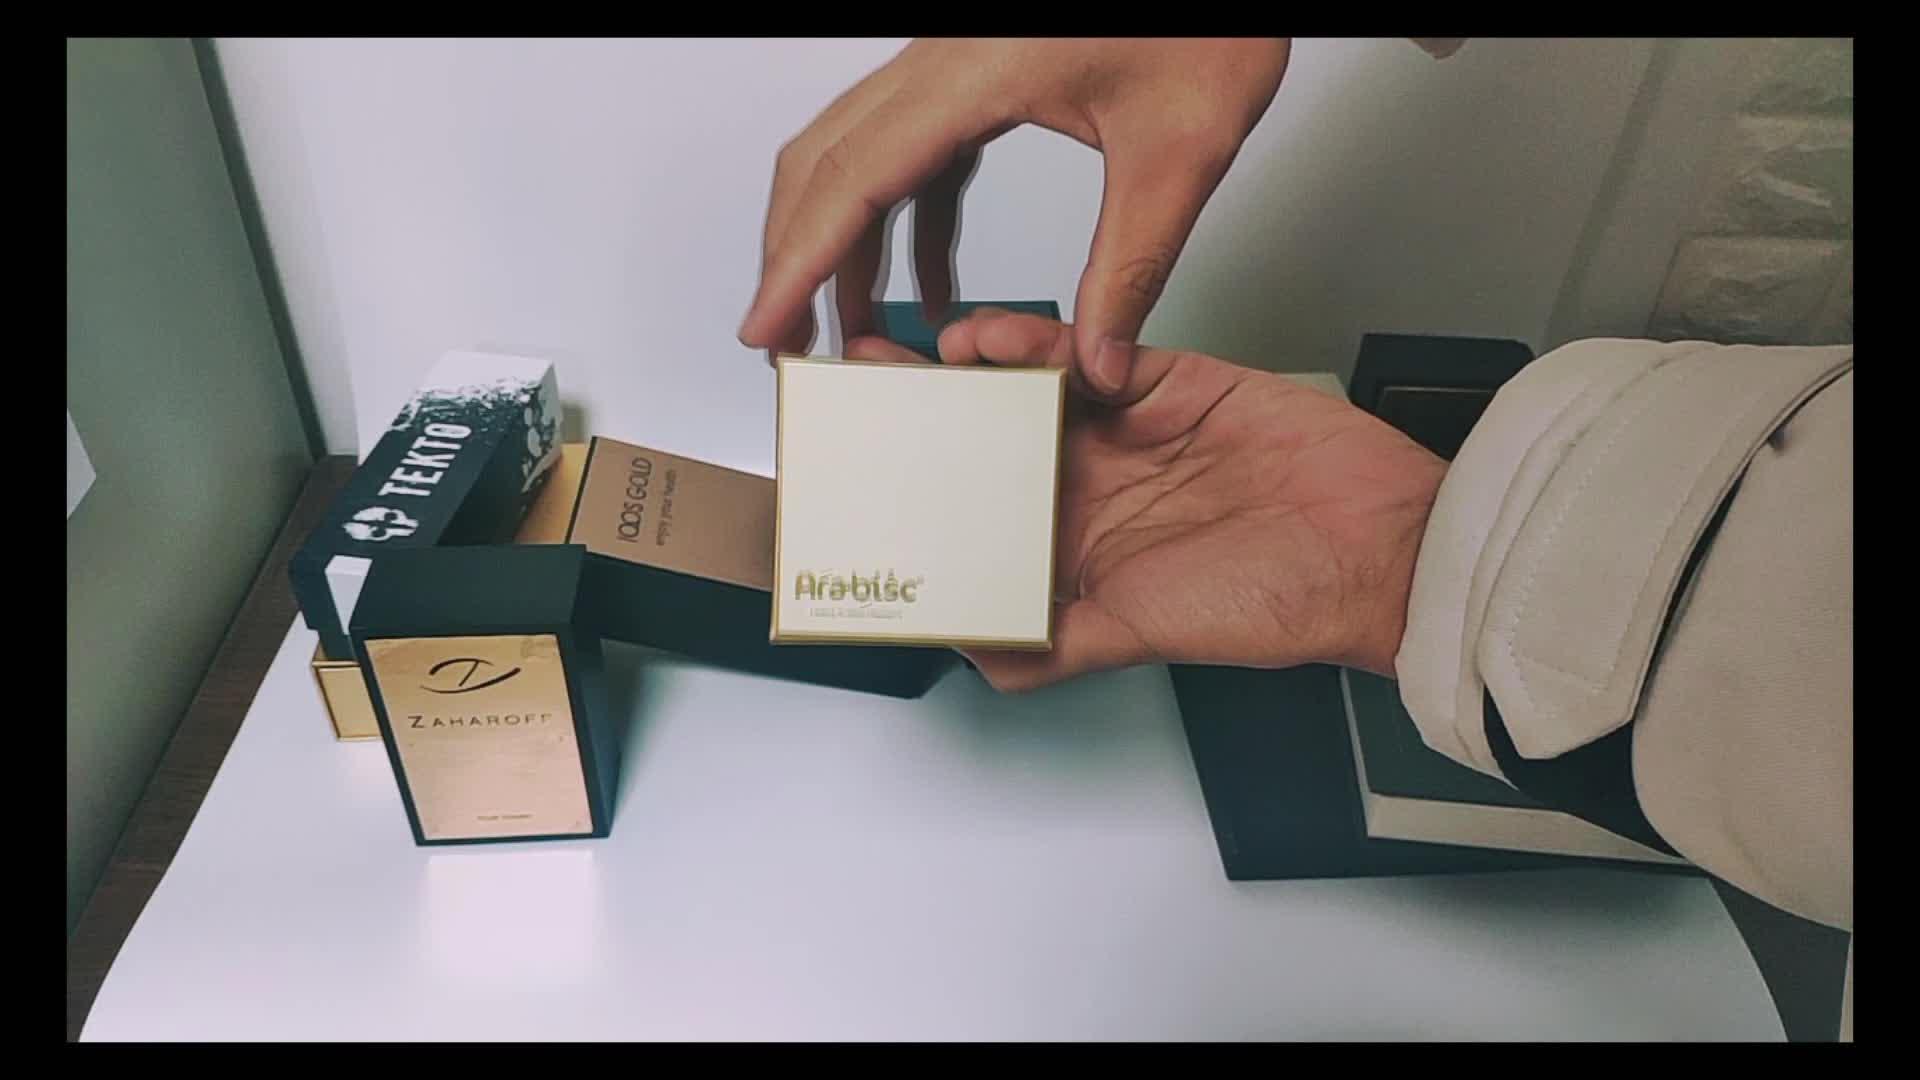 नि: शुल्क रखता नमूना कस्टम कागज छोटे lashes स्पष्ट खिड़की के साथ पैकेजिंग बॉक्स